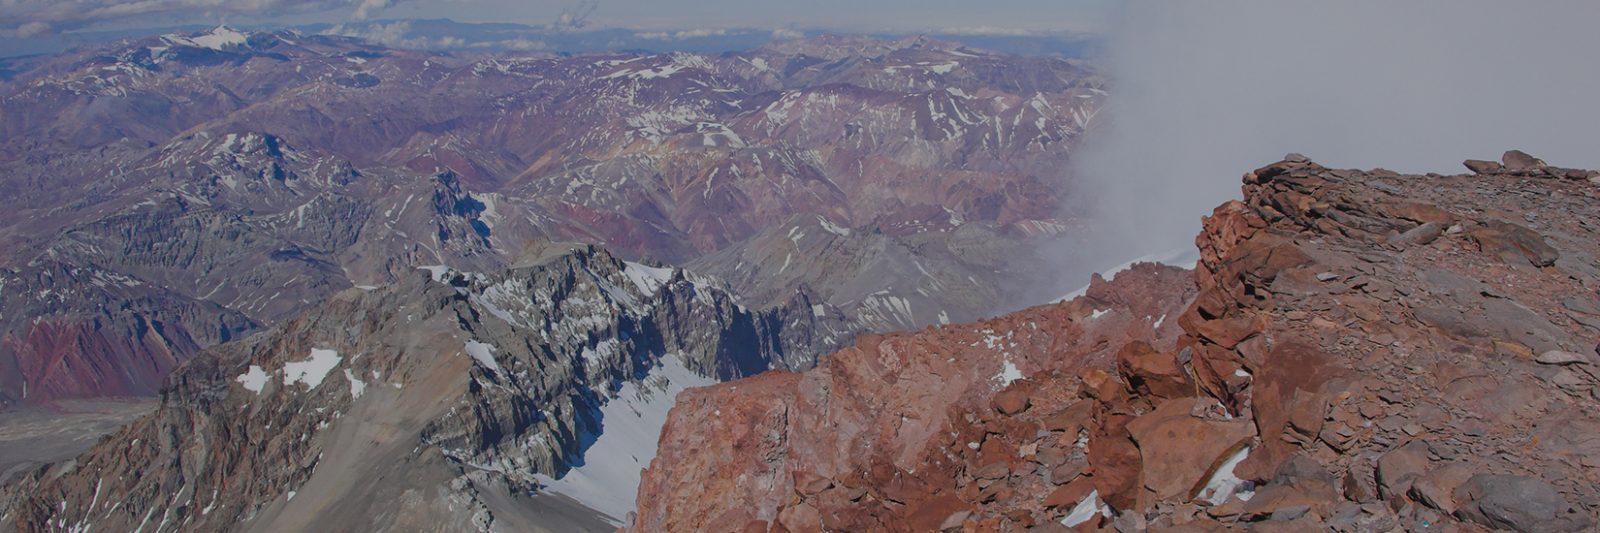 Ojos del Salado & Licancabur with San Pedro Atacama